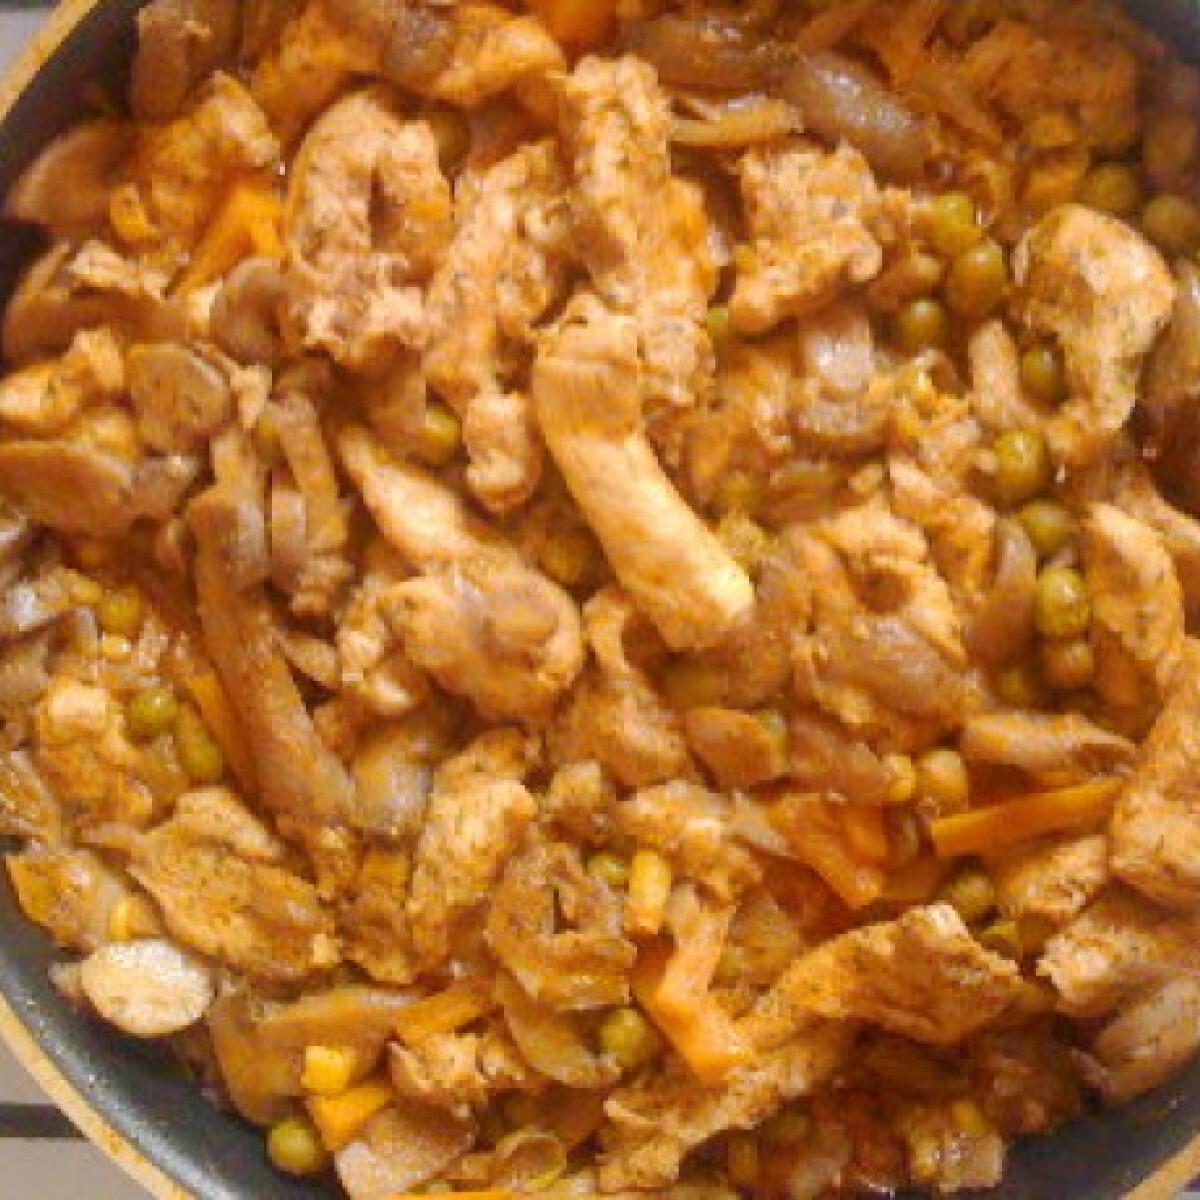 Serpenyős csirke Noémilau konyhájából